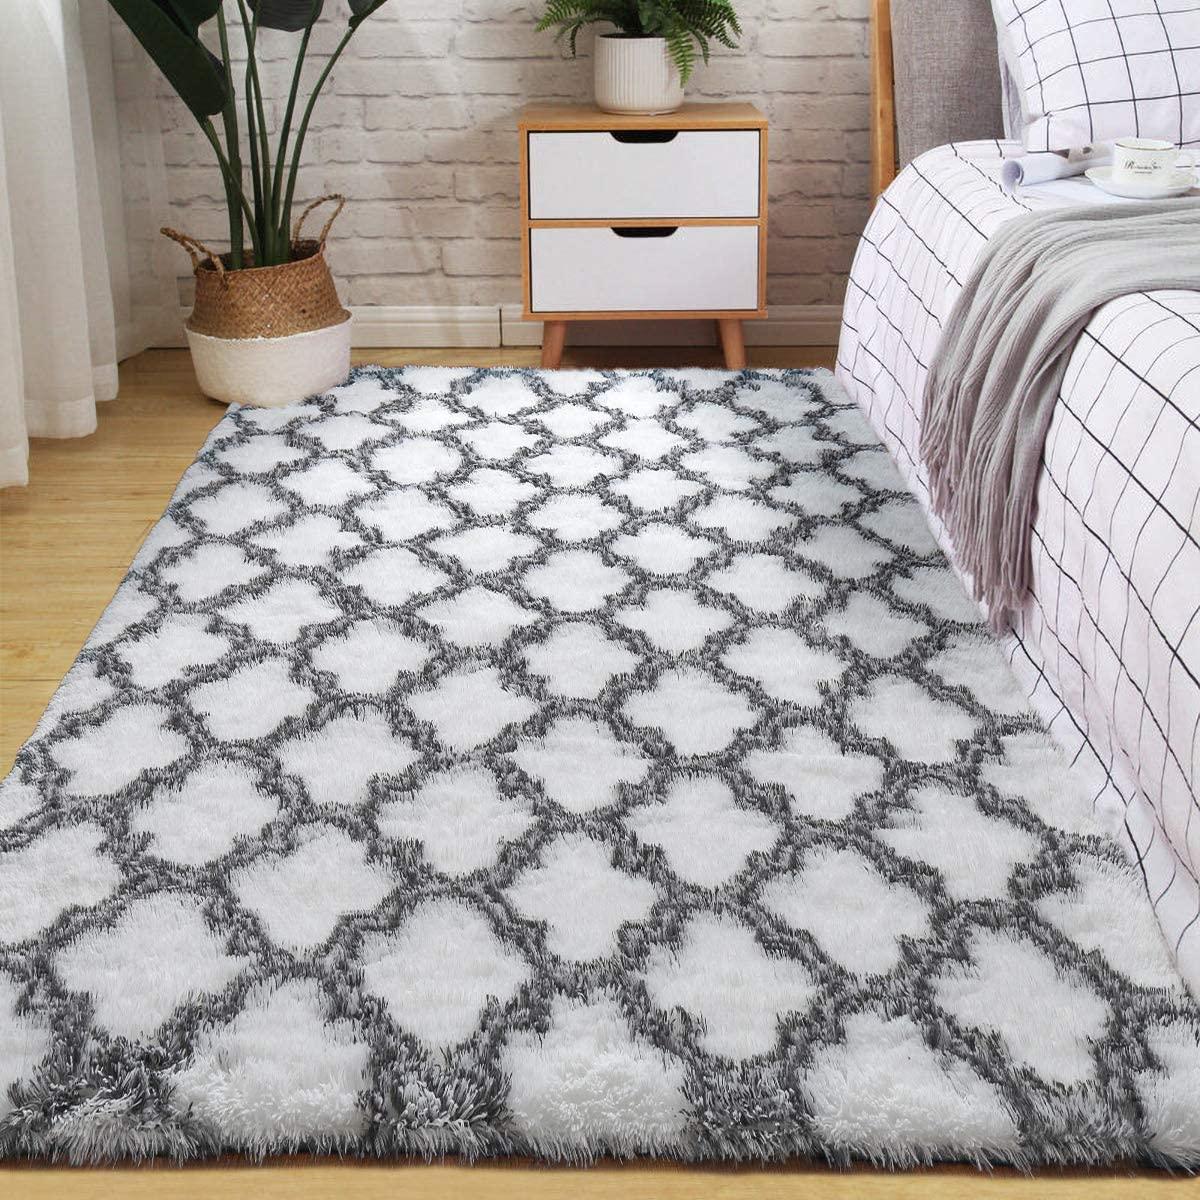 Velvet-Area-Rug-Soft-Fluffy-Carpets-for-Living-Room-Bedroom-Shaggy-Floor-Mat thumbnail 19